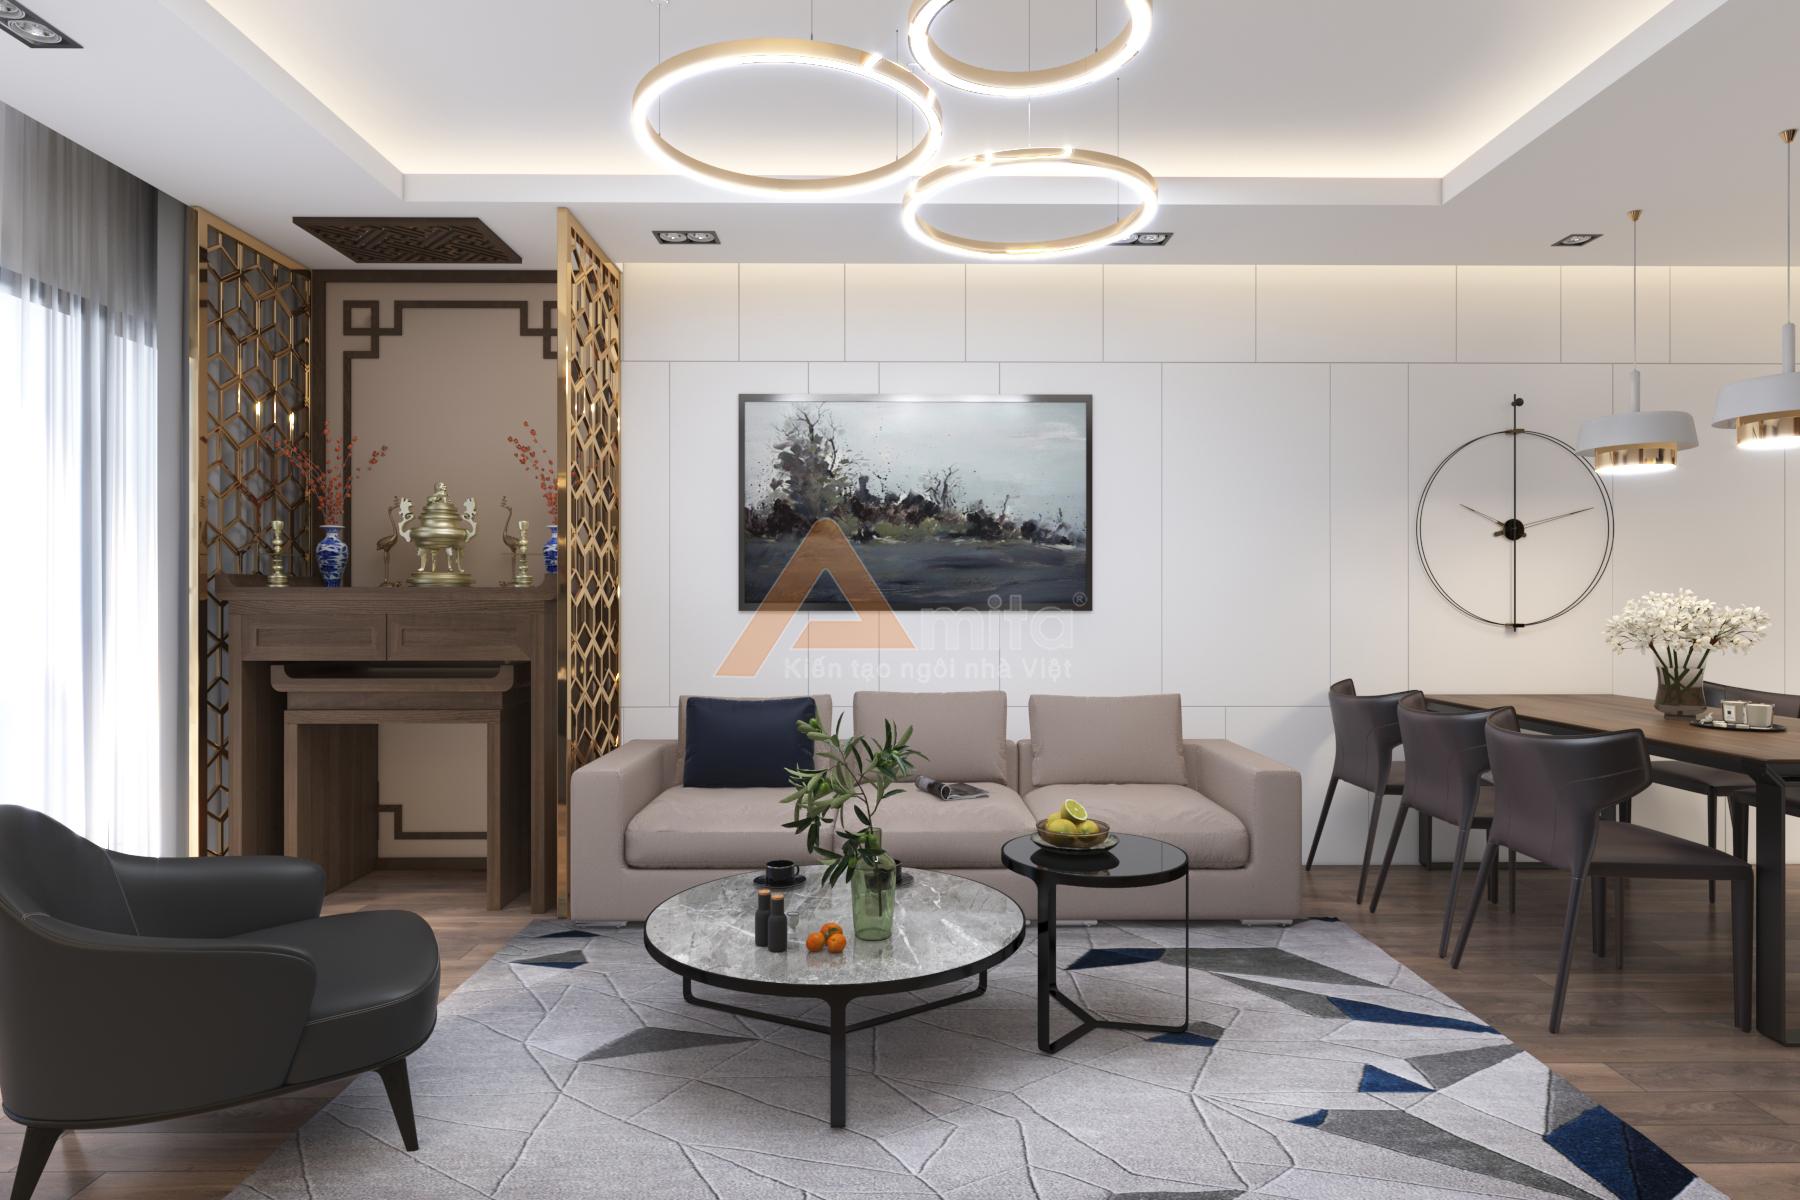 thiết kế nội thất chung cư tại Hà Nội Chung cư New Skyline - Văn Quán 5 1572341528